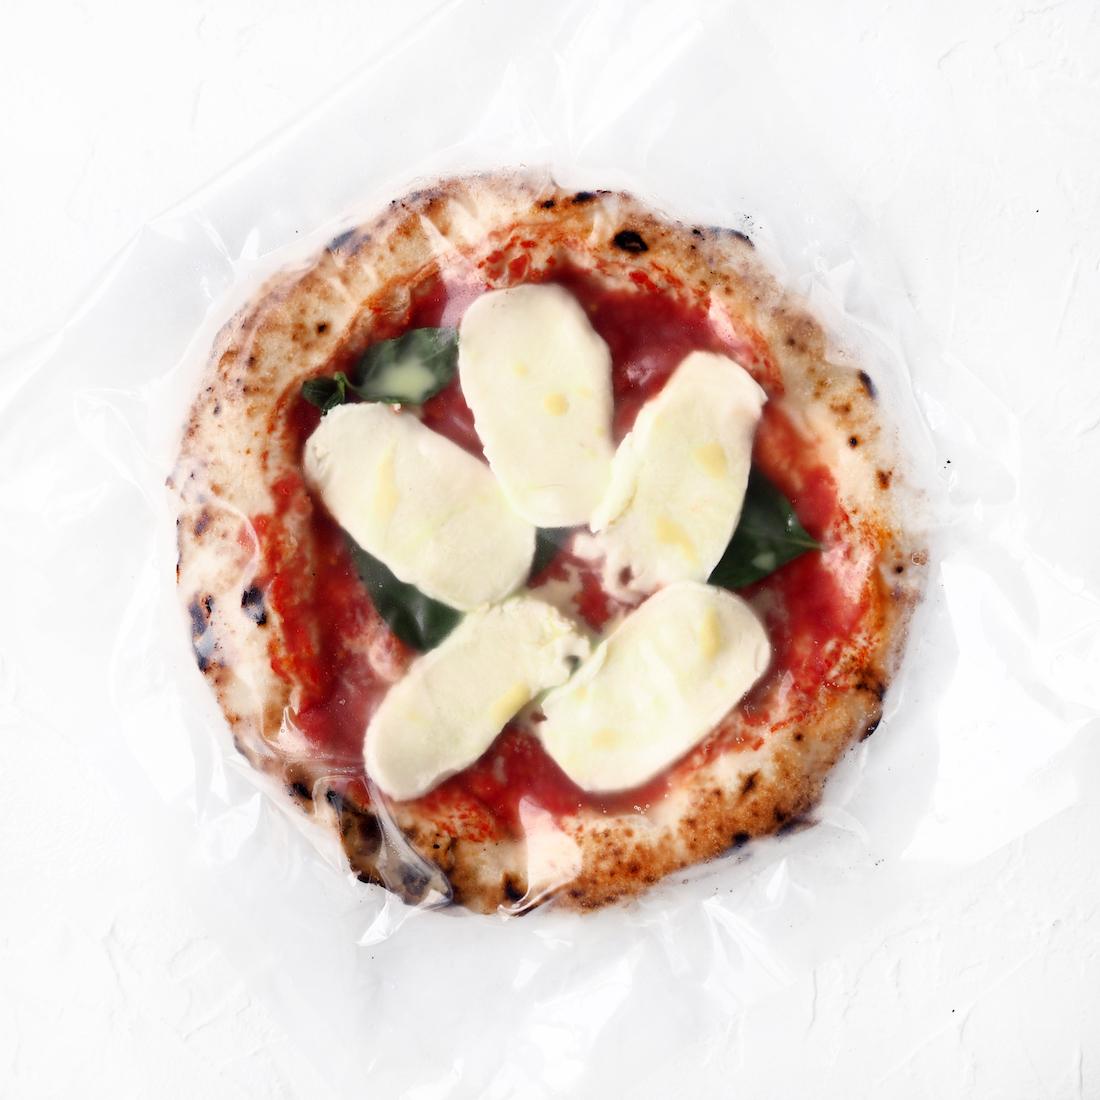 Замороженная неаполитанская пицца Маргарита (1 шт., 330 г)